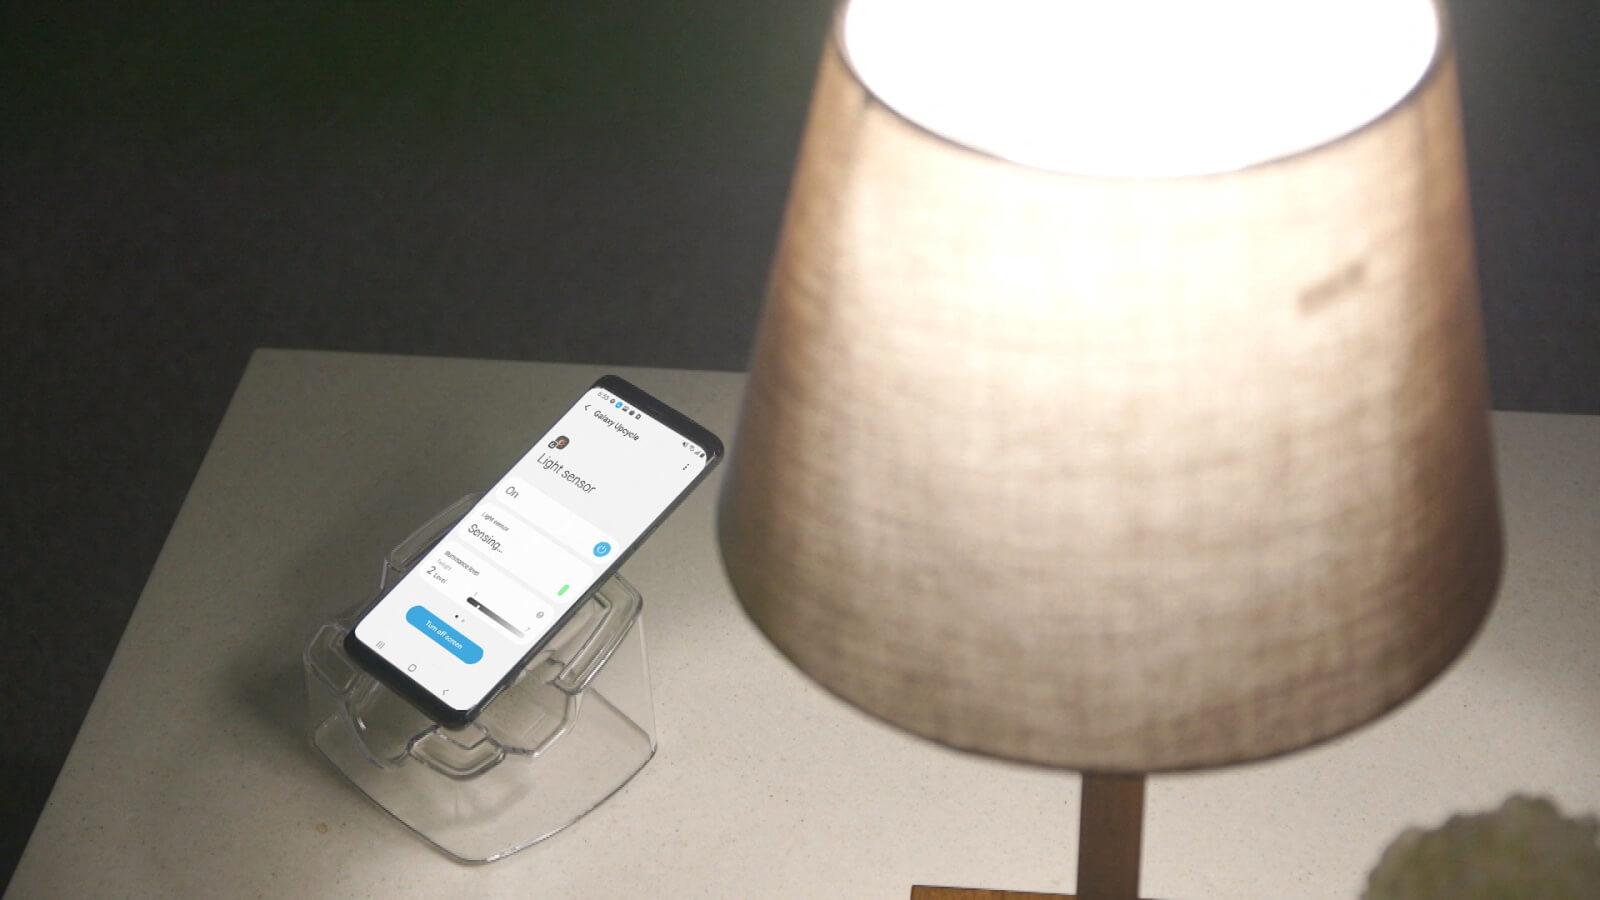 Samsung Galaxy Upcycling at Home repurposing old phones